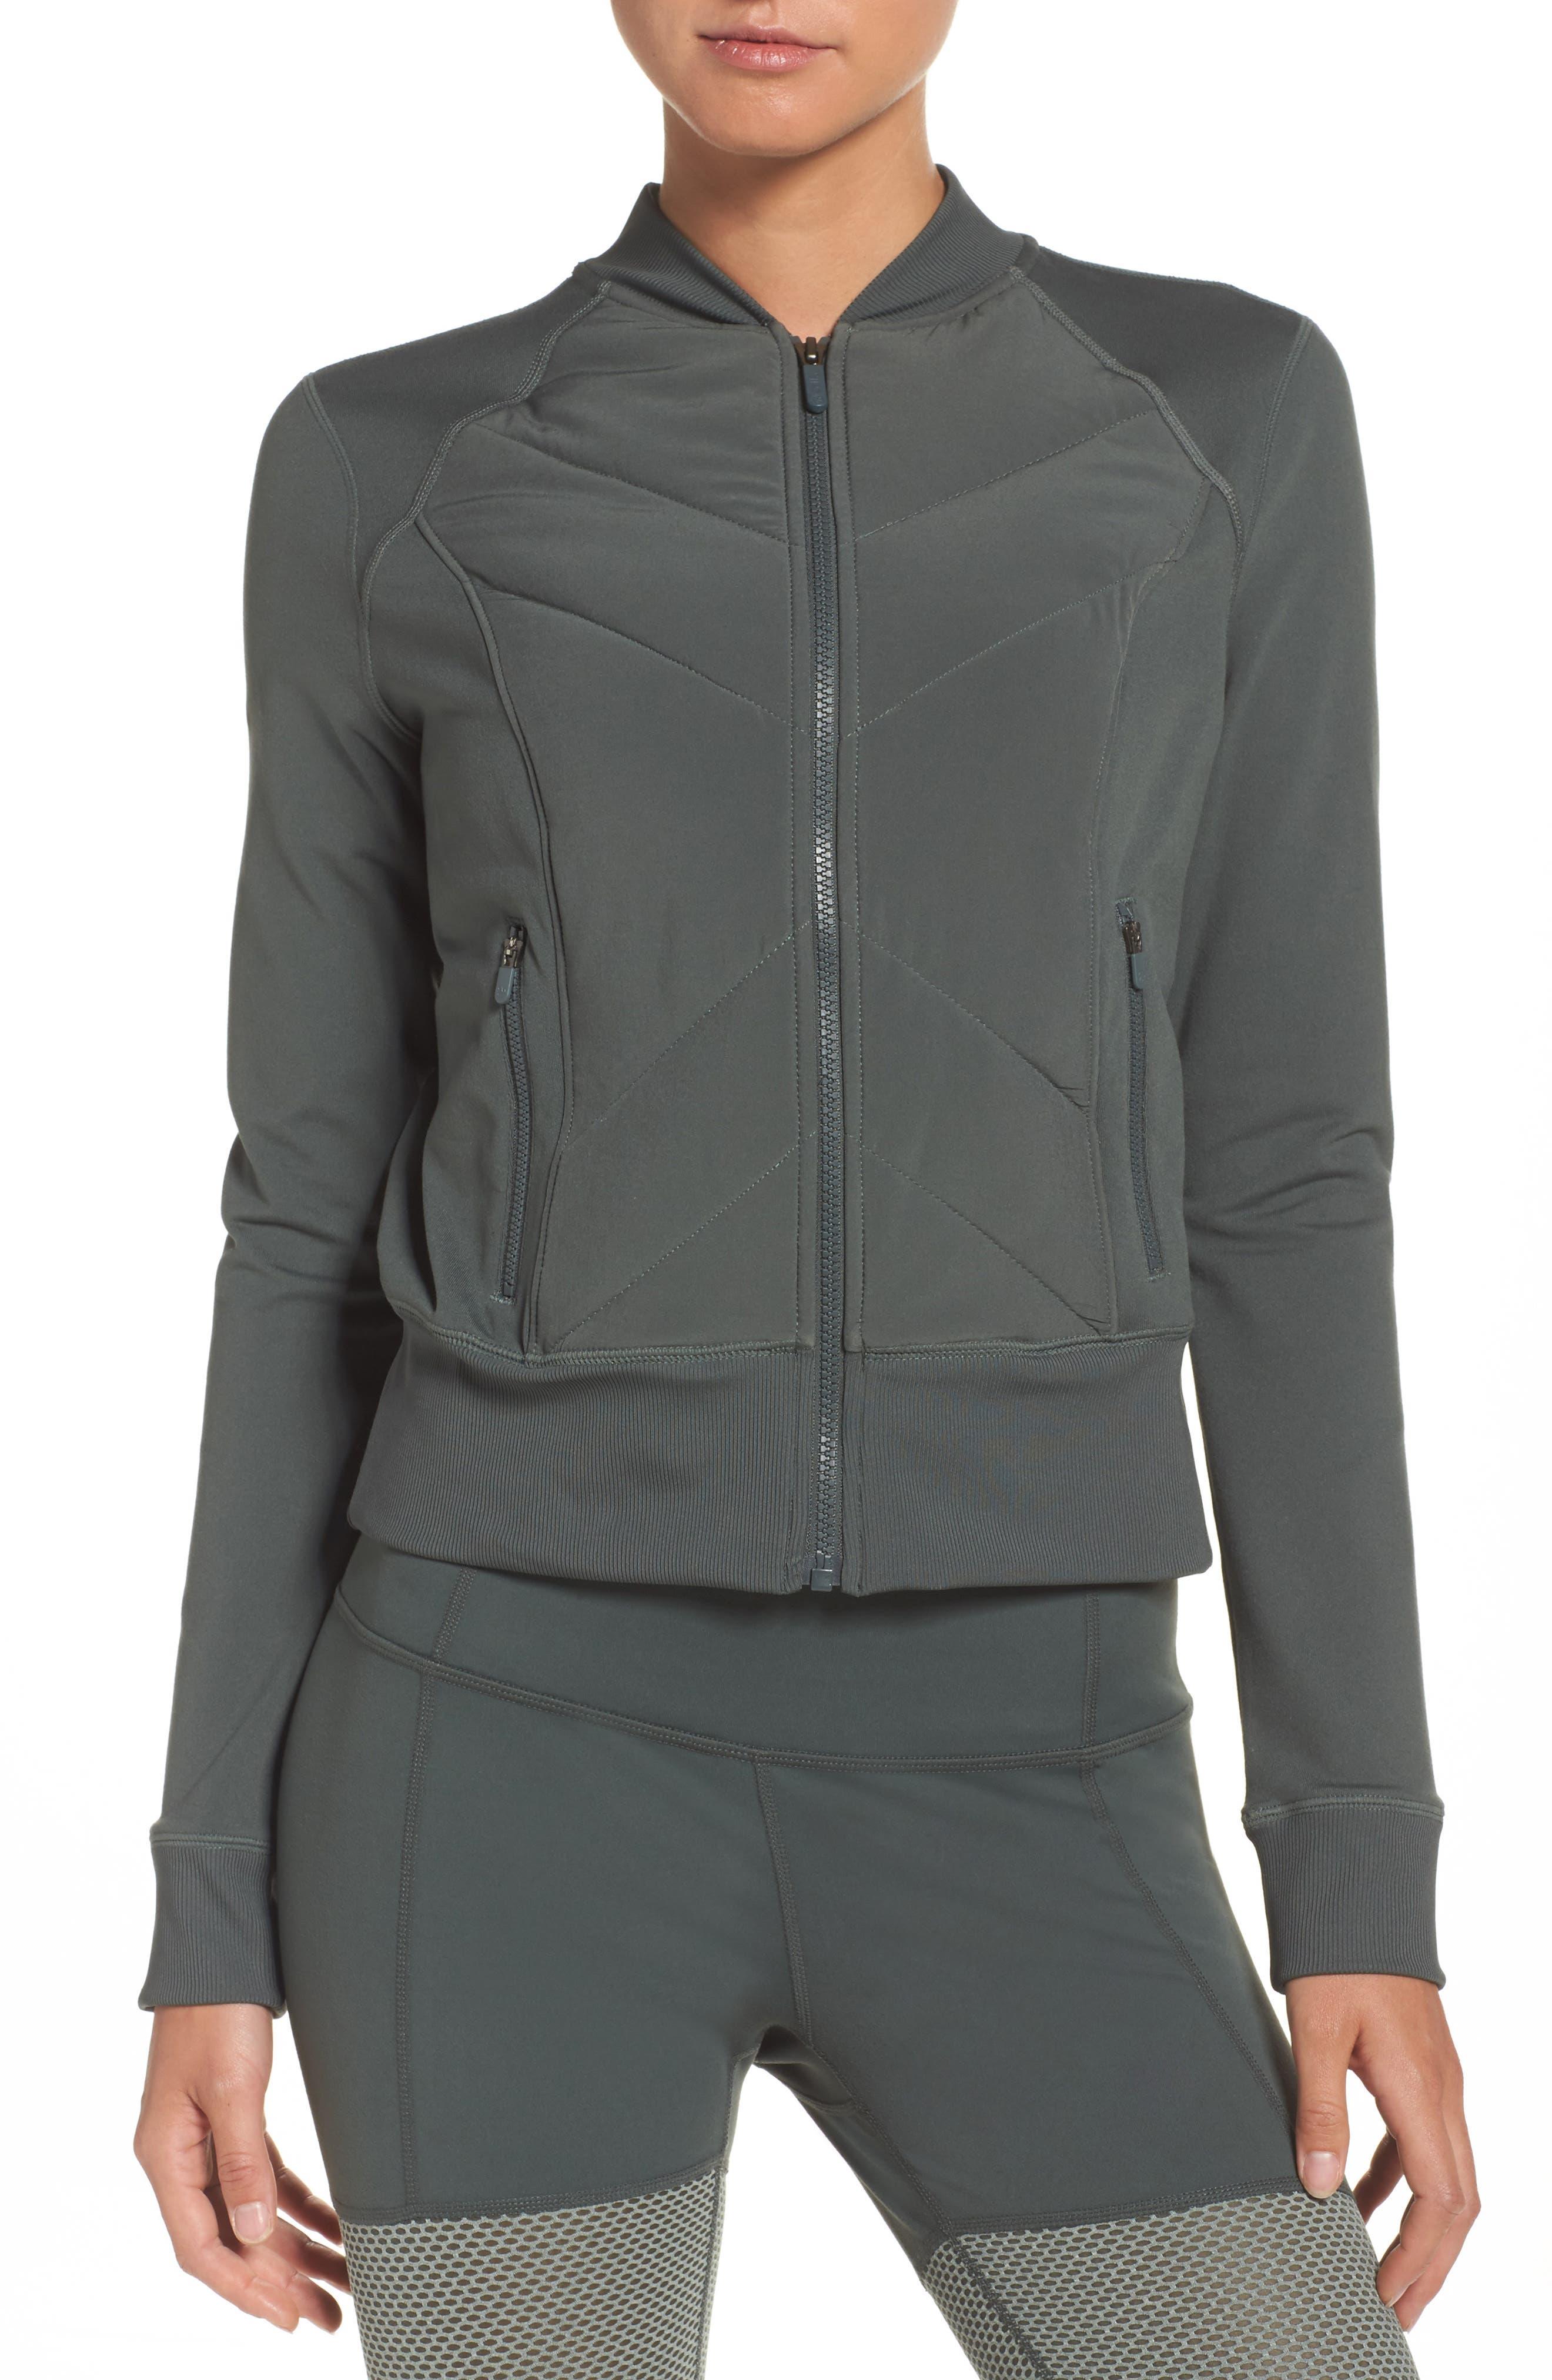 Zella Wear It Out Bomber Jacket